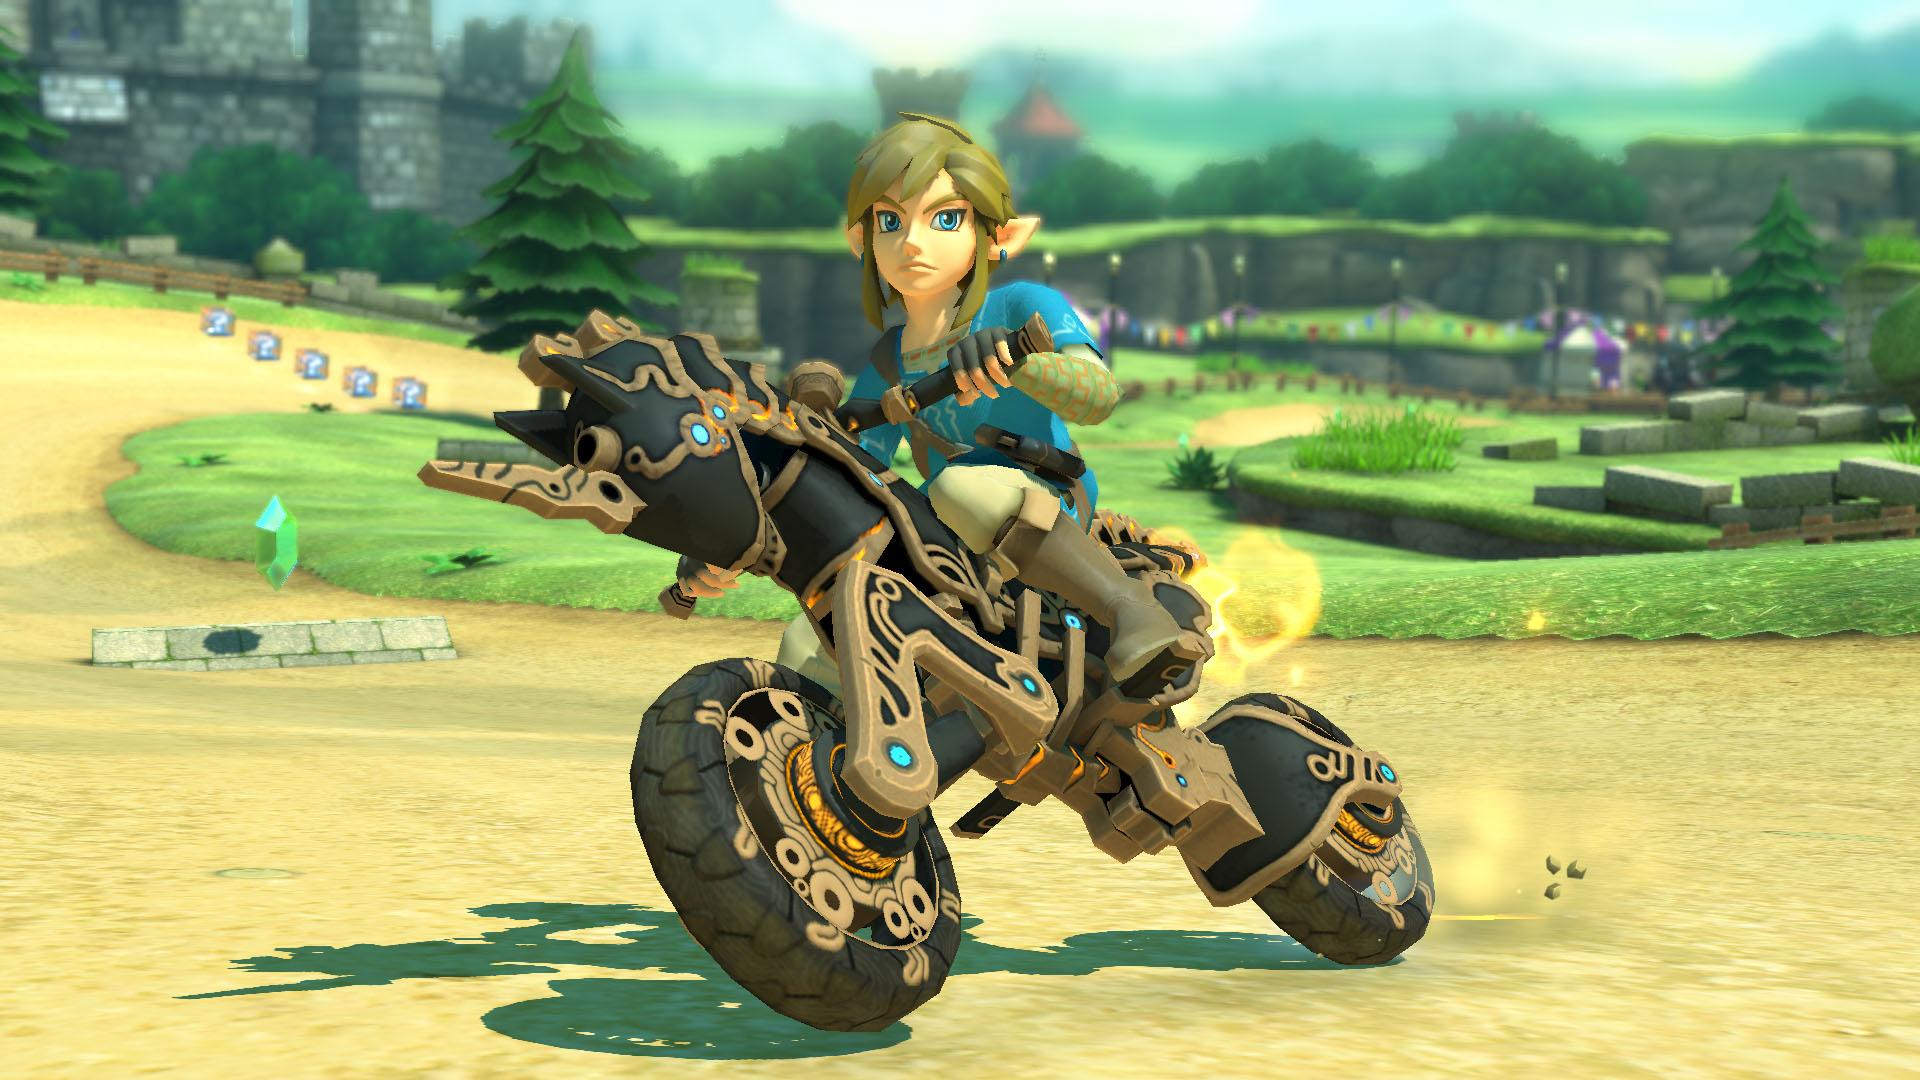 Link Mario Kart 8 Deluxe